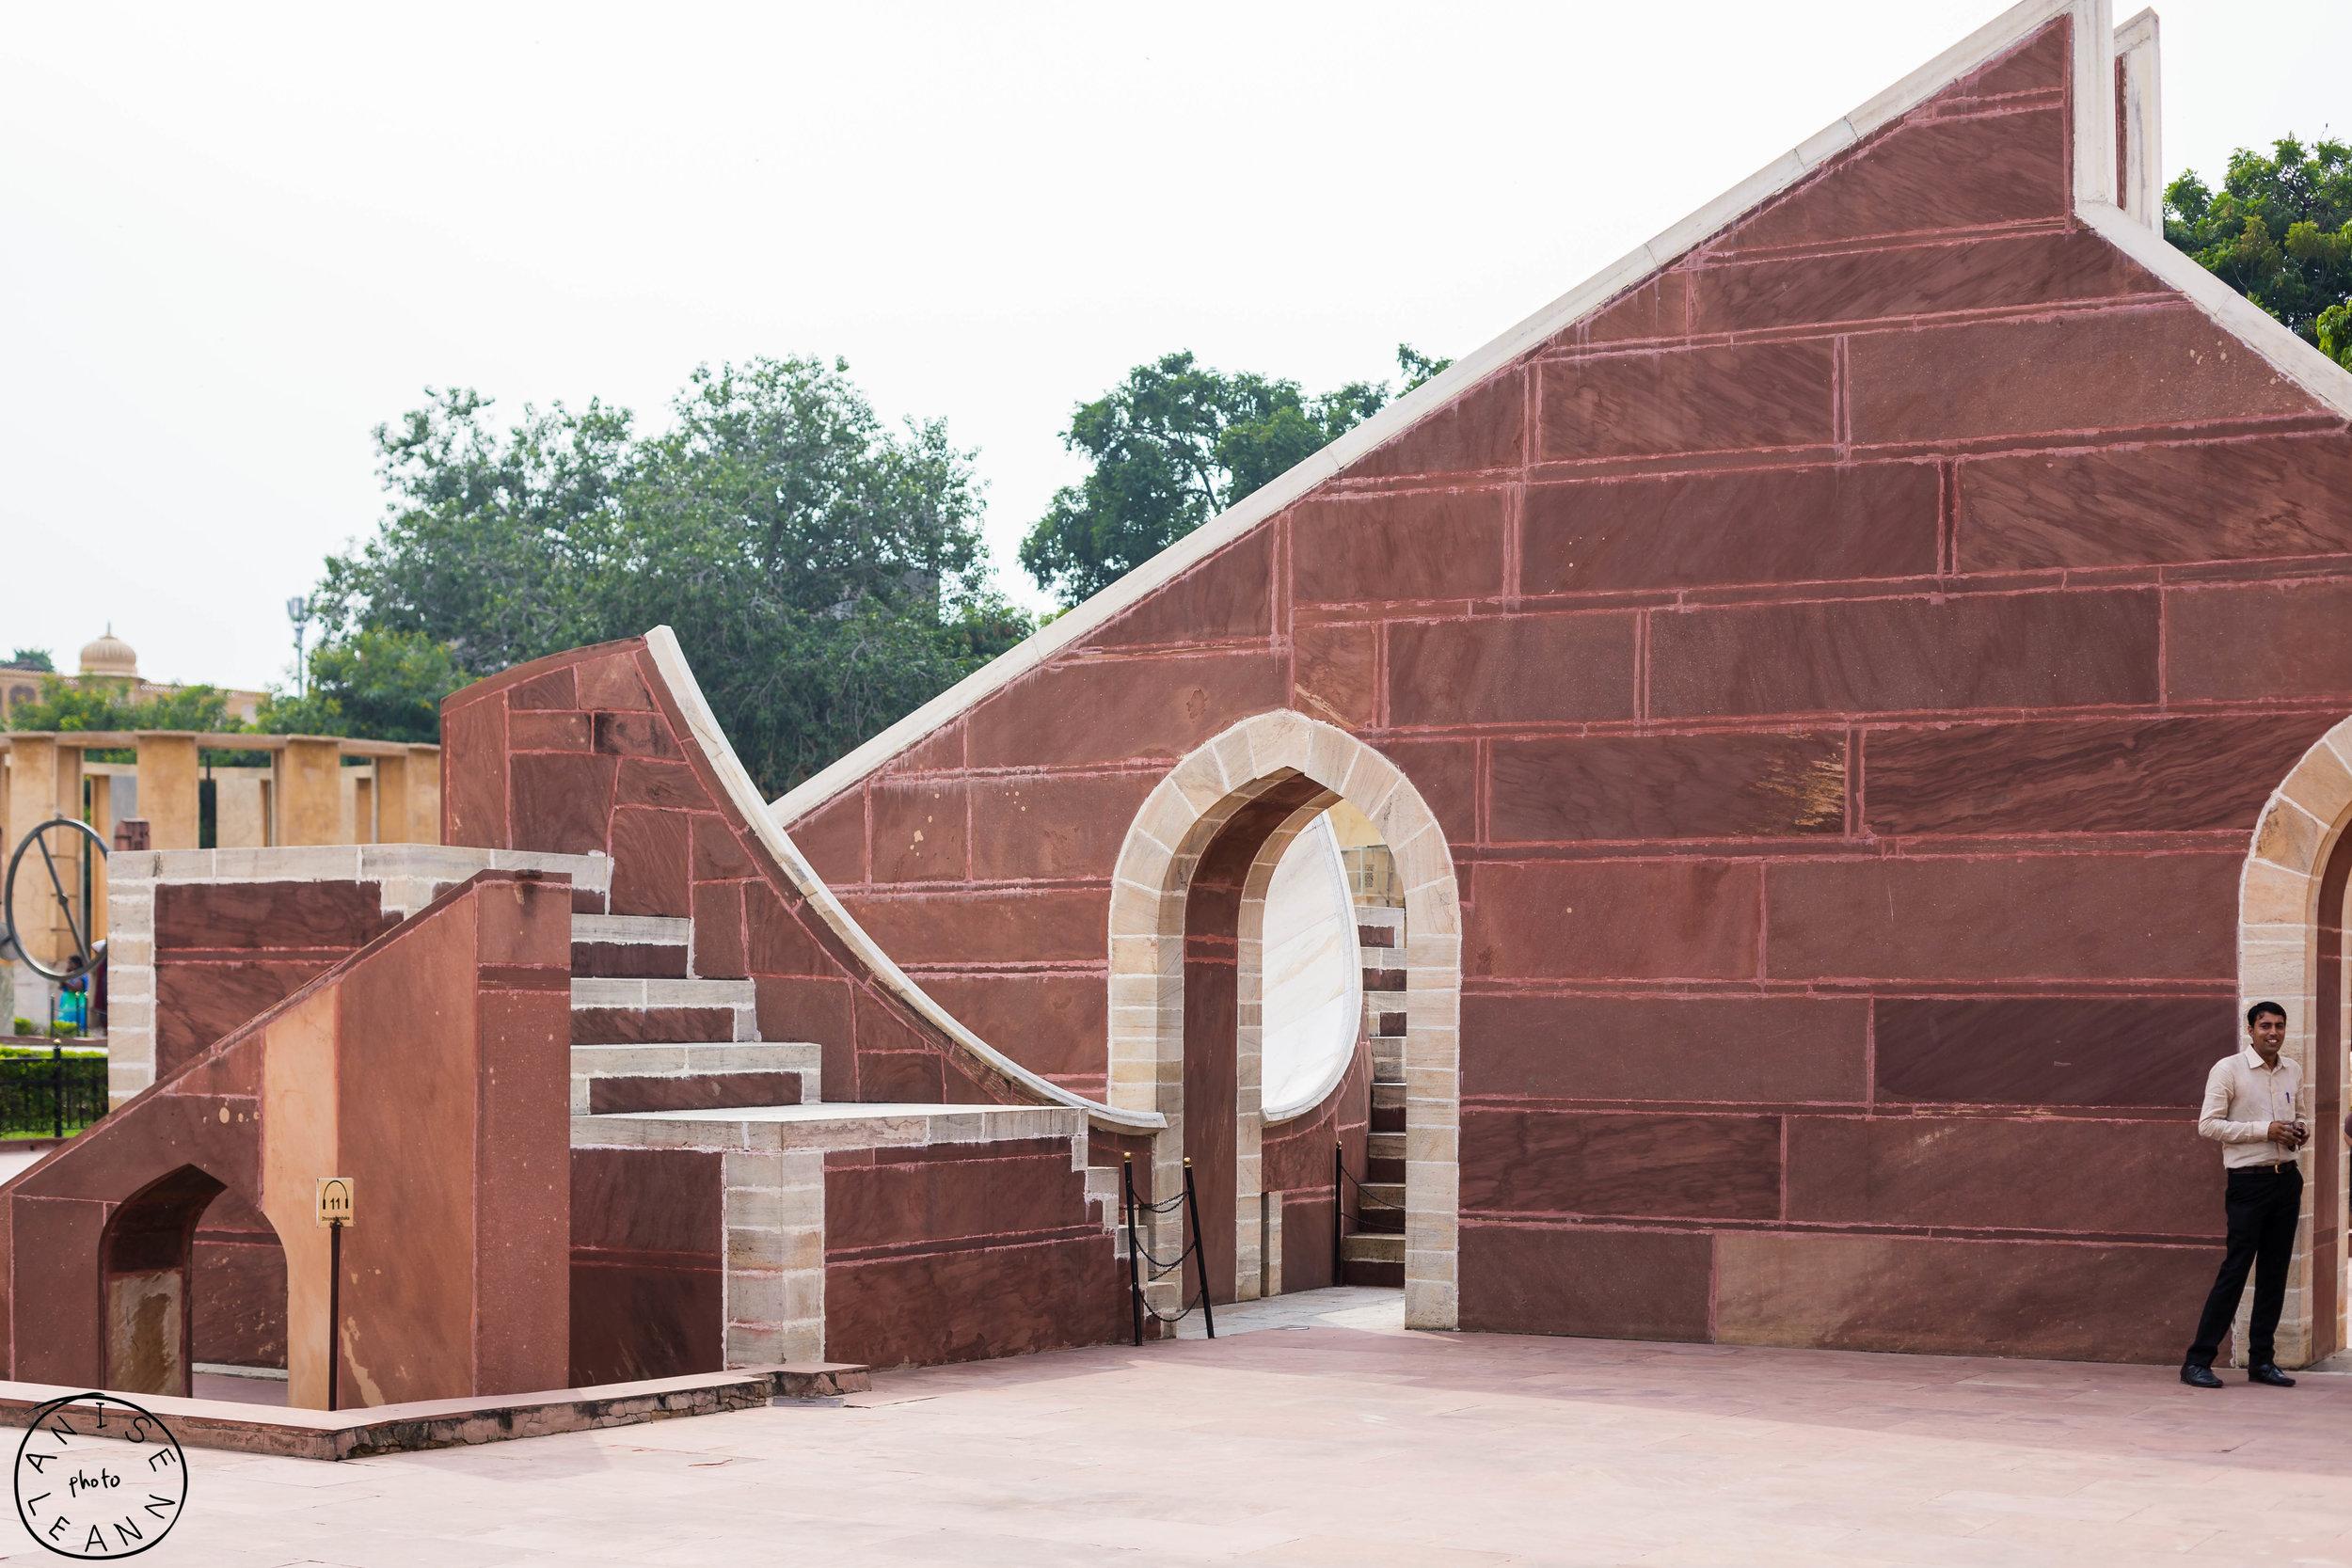 India-Jaipur-Day1-36.jpg